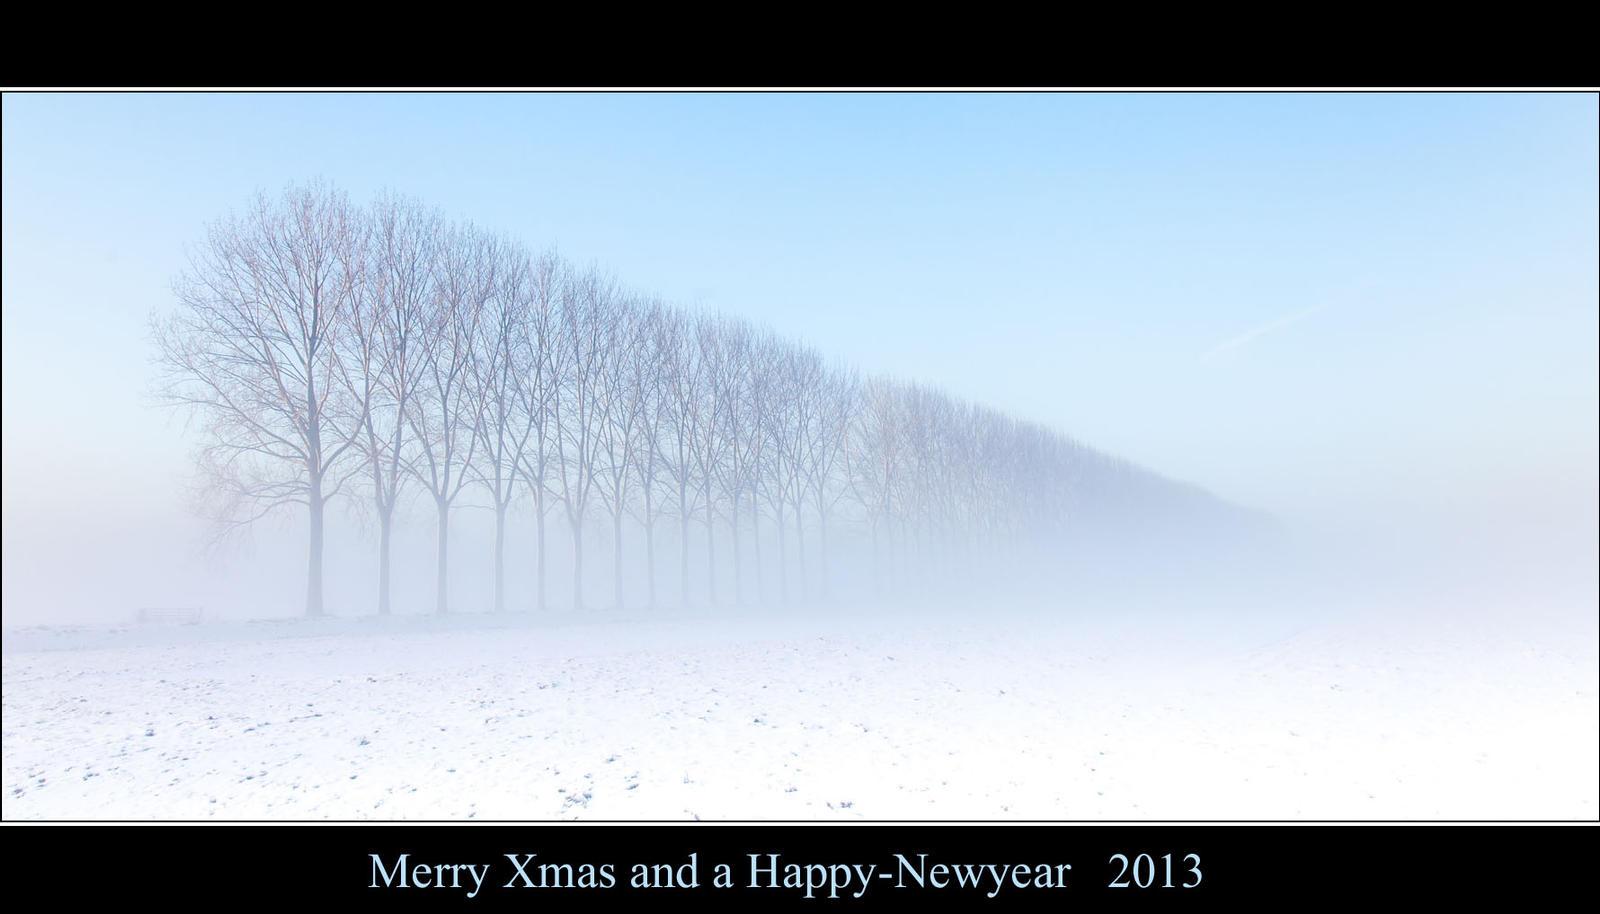 Happy Xmas by Betuwefotograaf